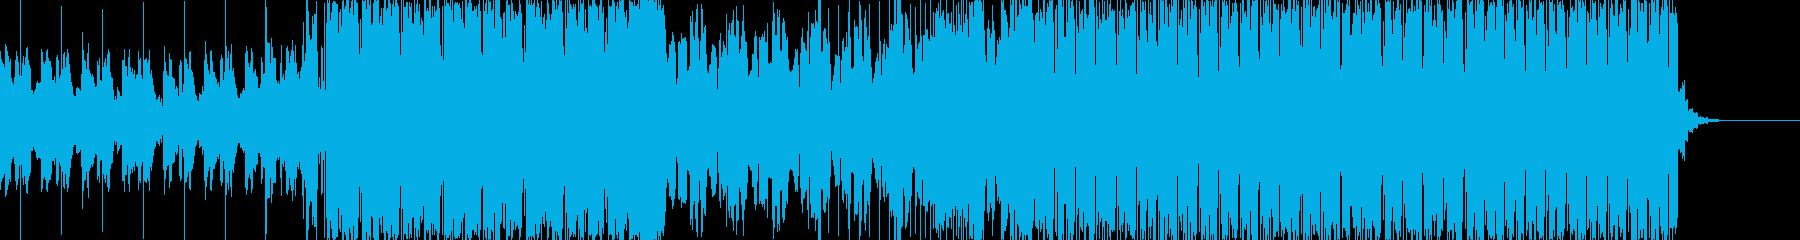 チルな雰囲気のFuturePopsの再生済みの波形